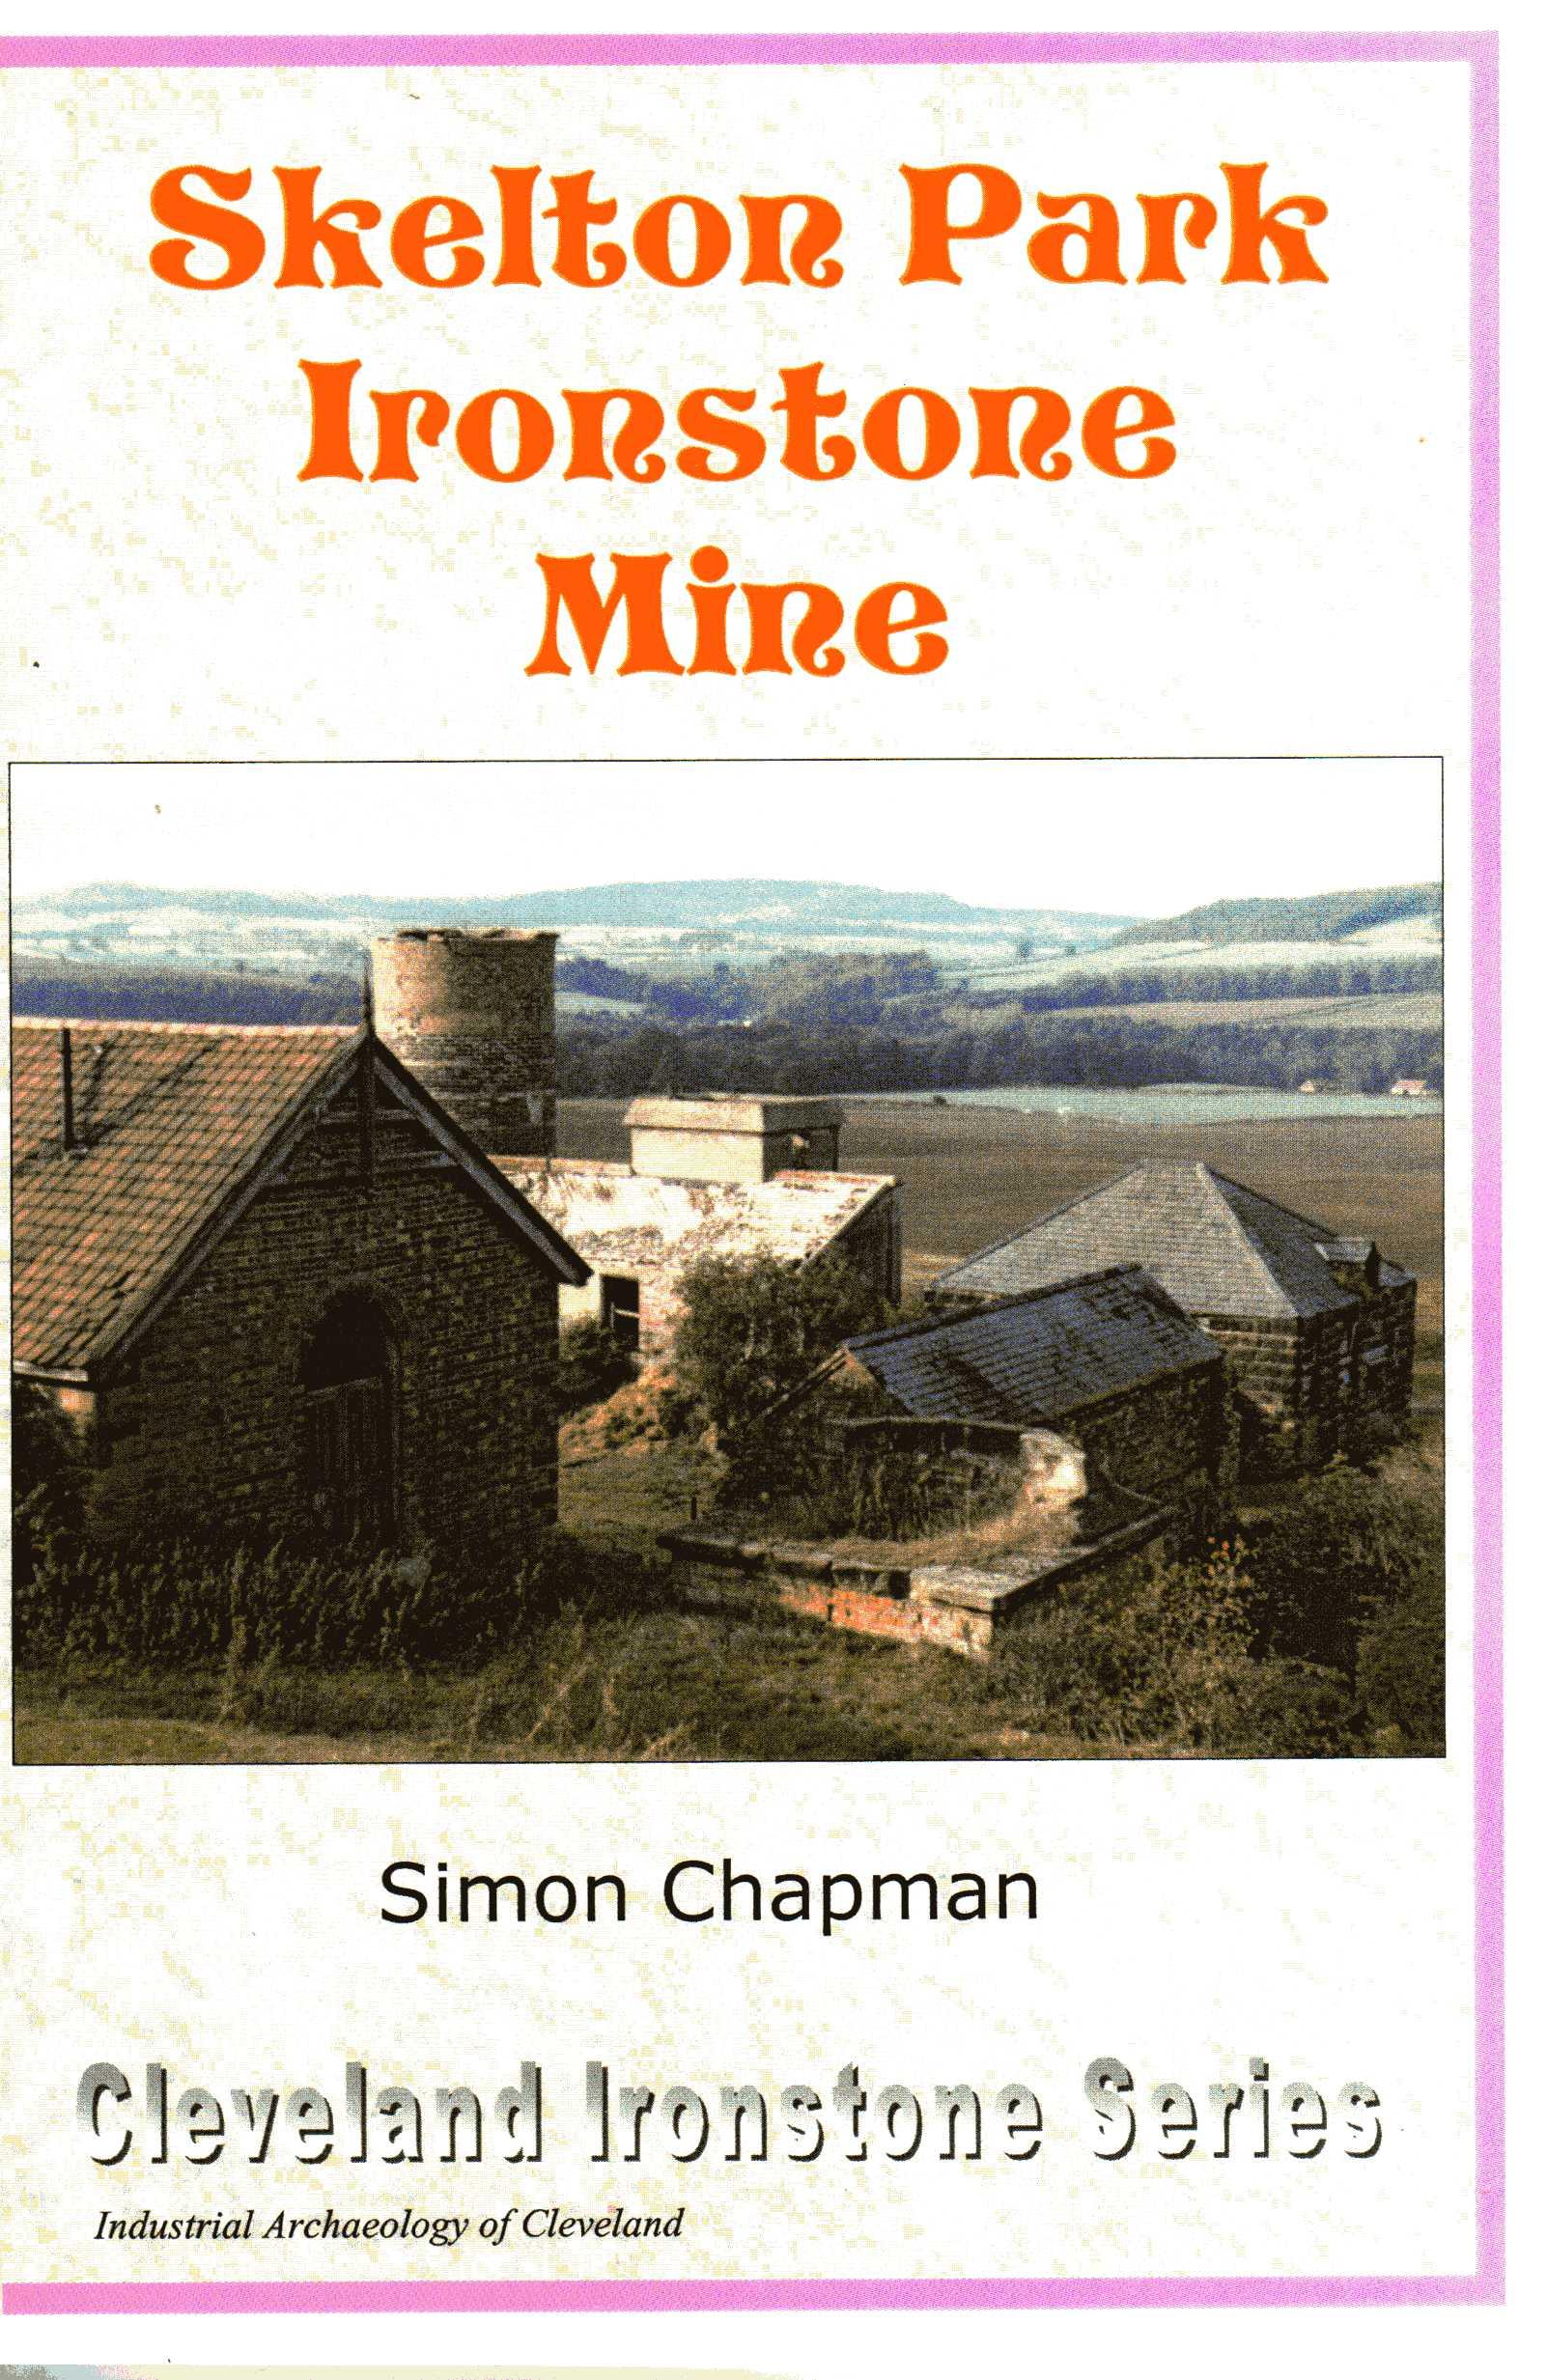 Skelton Park Ironstone Mine